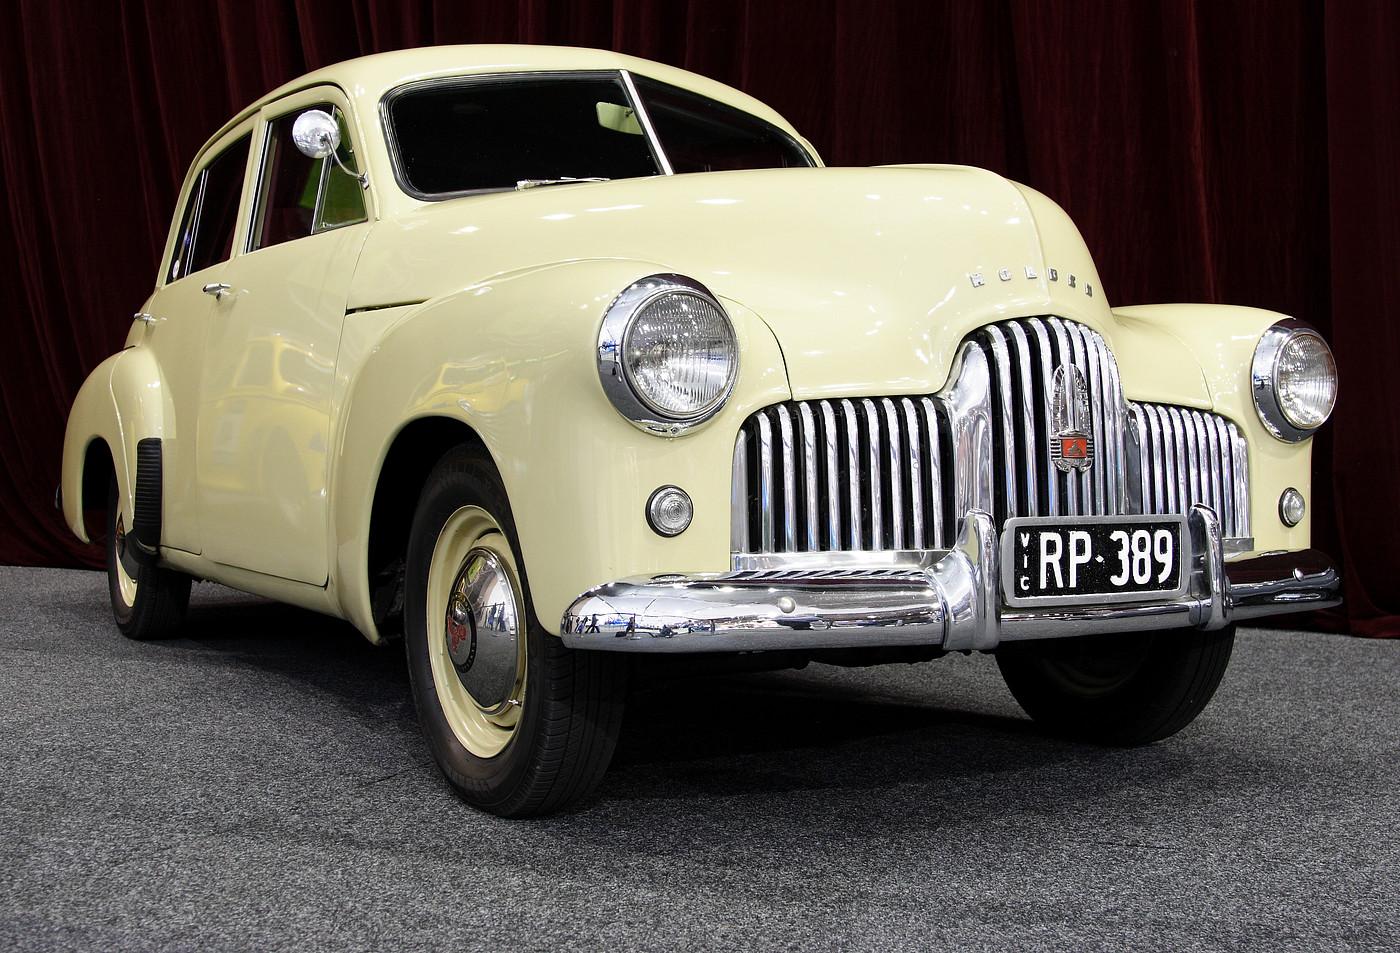 Die Holden 48–215, waarna nie-amptelik ook as Holden FX verwys is, was GM-Holden se eerste plaaslik ontwikkelde motor wat in 1948 onder die naam Holden bemark is